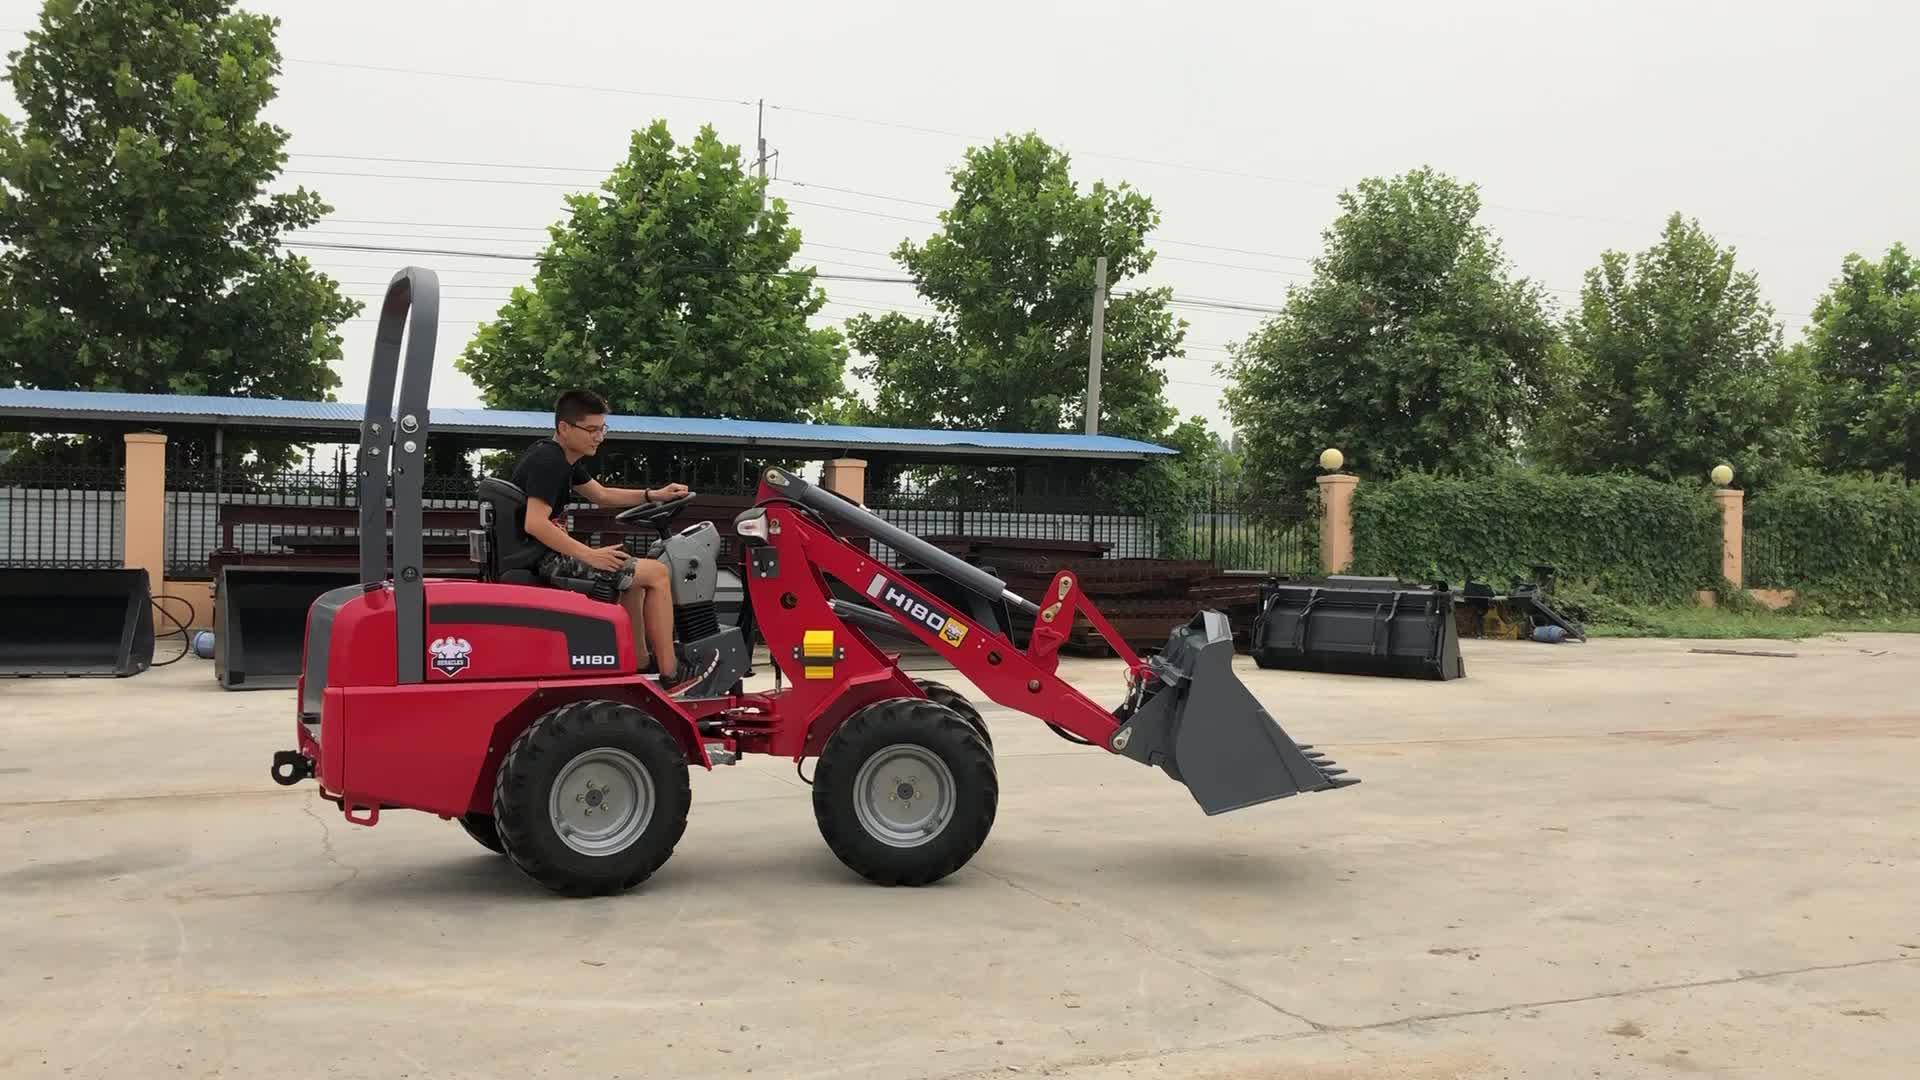 Eracle Cina idrostatica sistema mini piccolo articolato 800kg/600kg pala gommata con Yanma r motore per la vendita